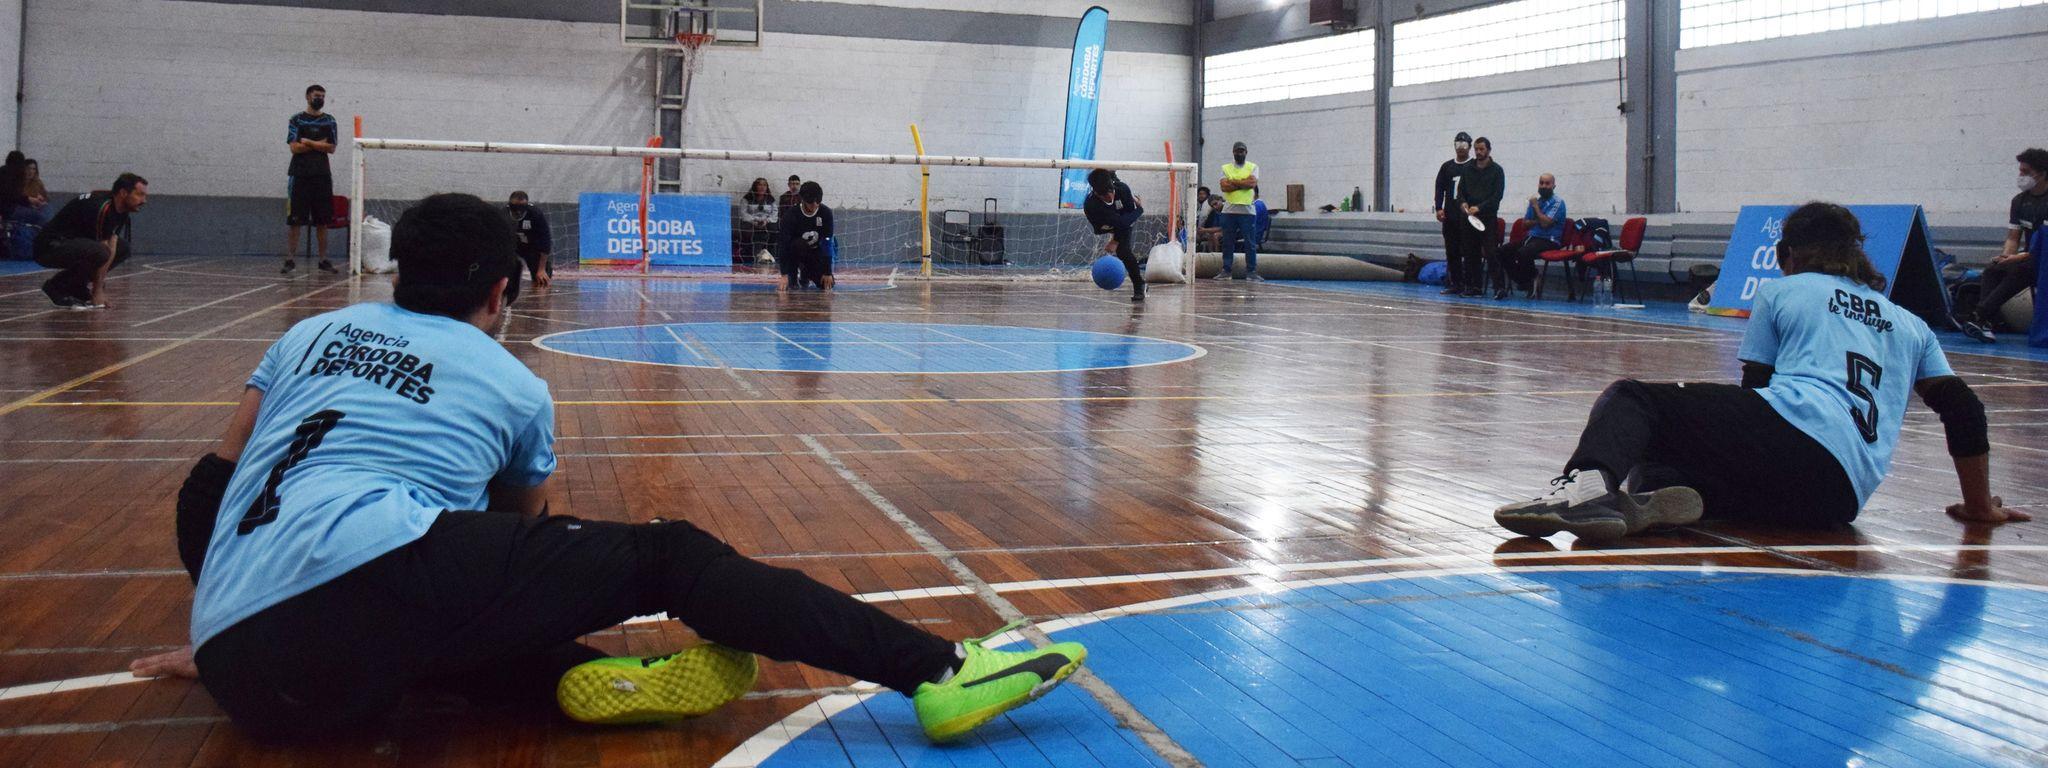 Goalball: Con 8 provincias se disputó un Encuentro Nacional en el Kempes